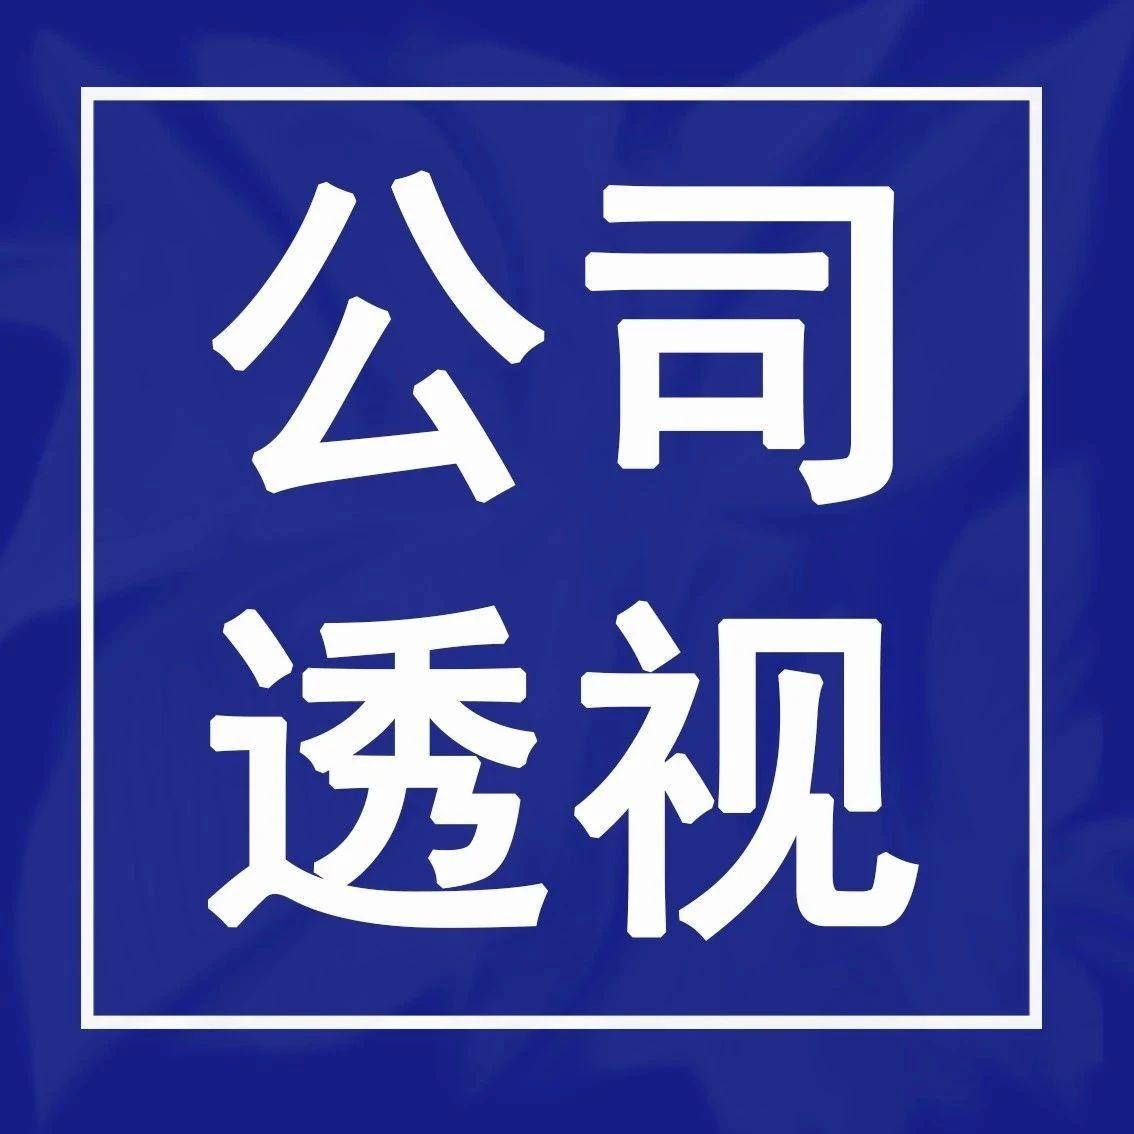 新三板 | 一图读懂华阳变速:汽车变速器零部件制造企业 客户有东风汽车